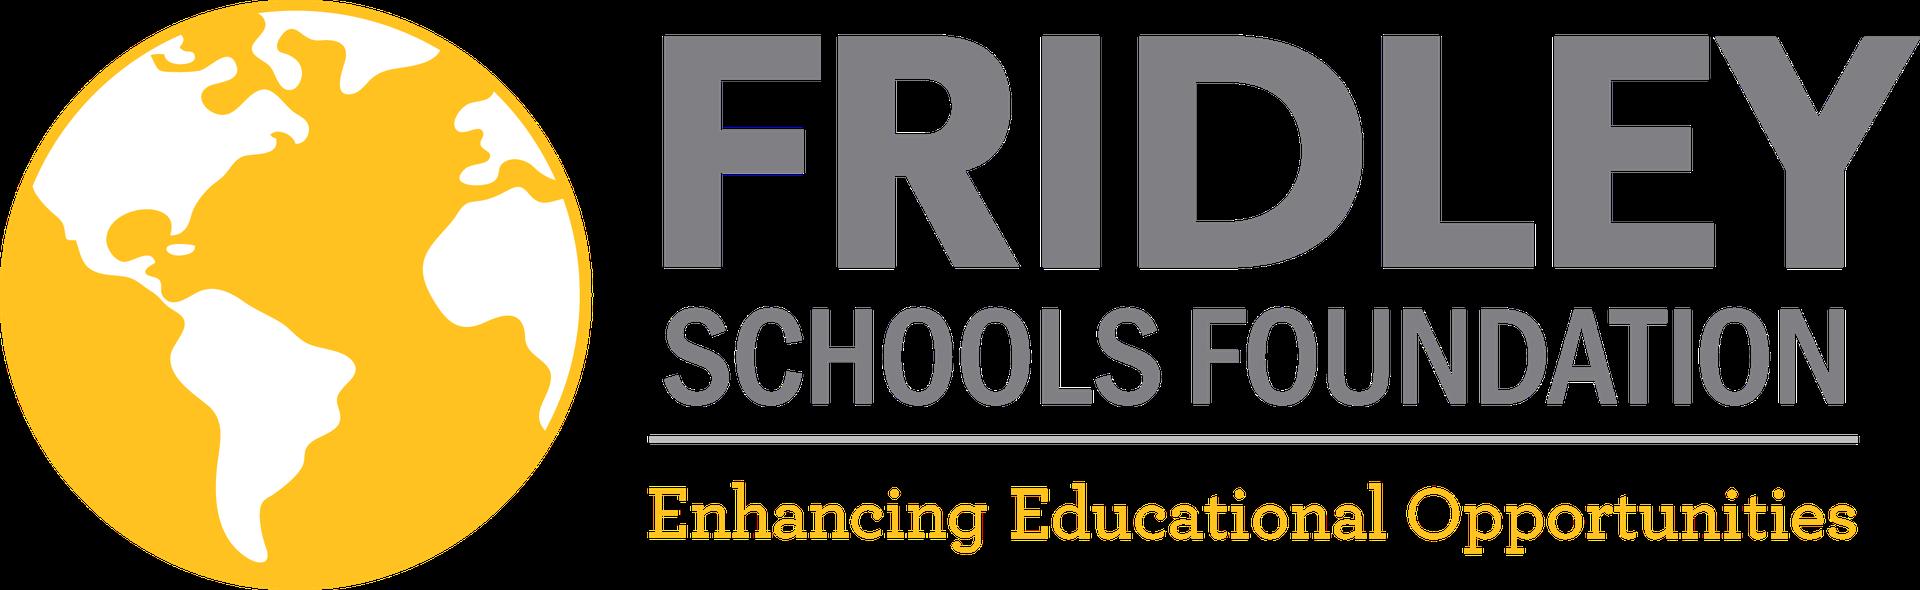 Fridley Schools Foundation Logo